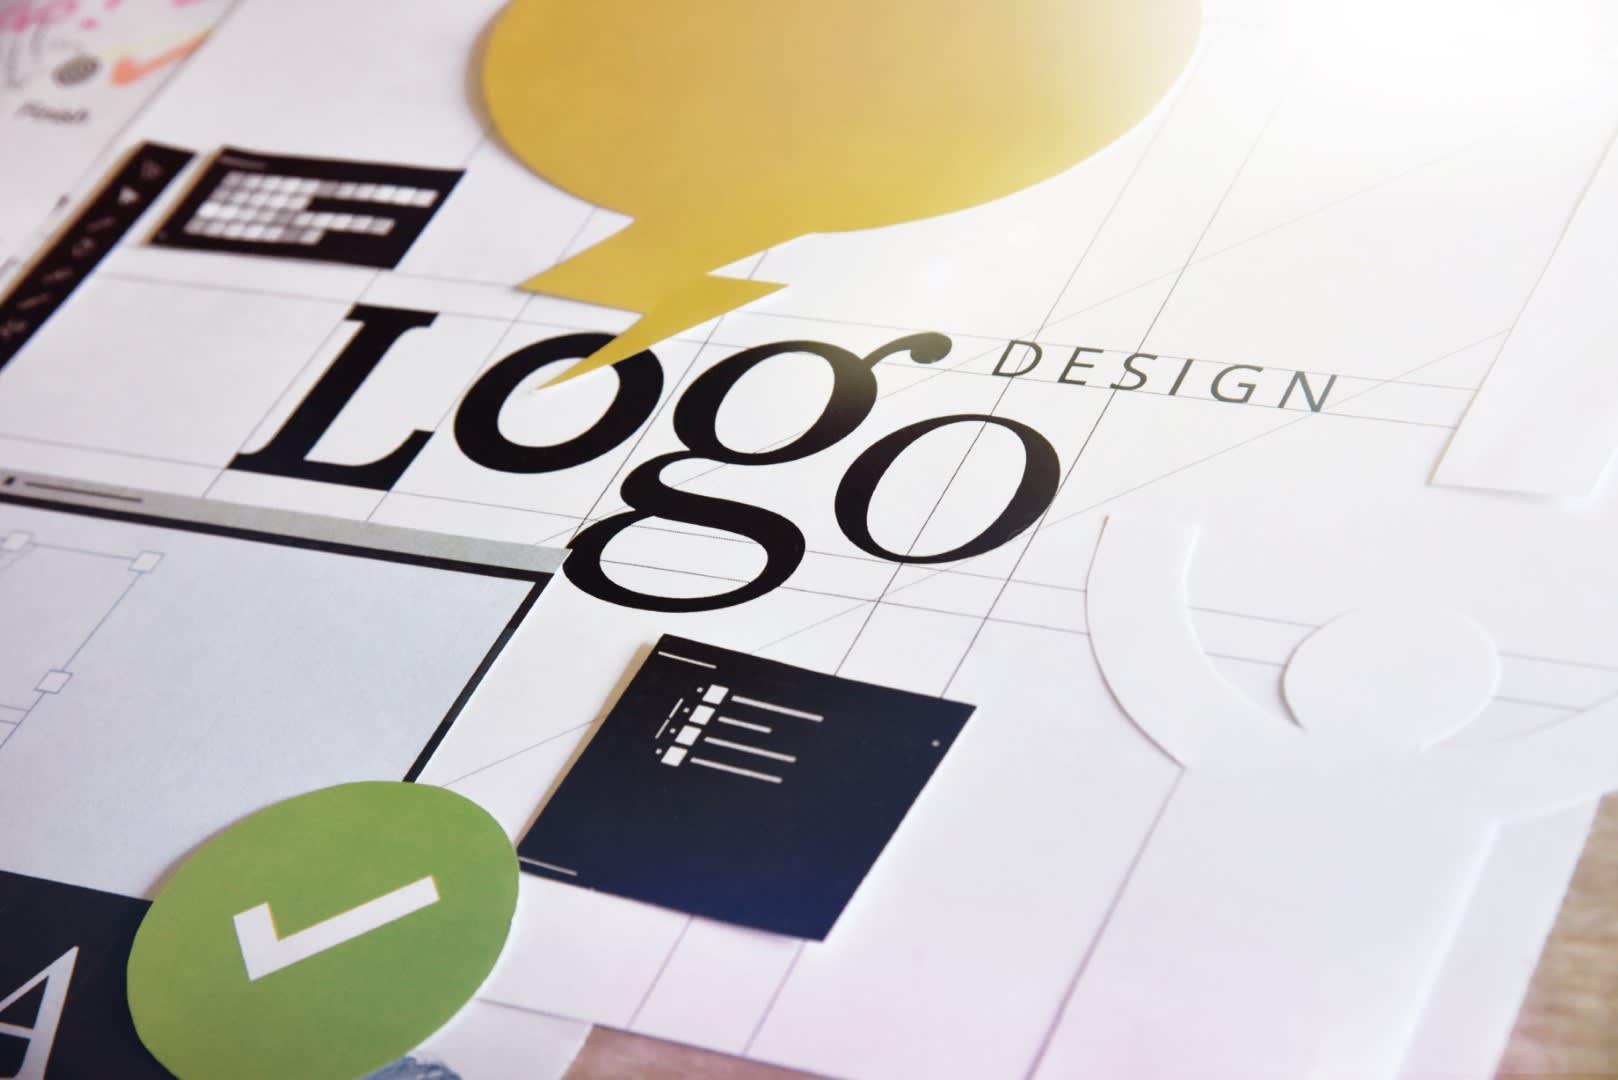 Designing Logos/Banners